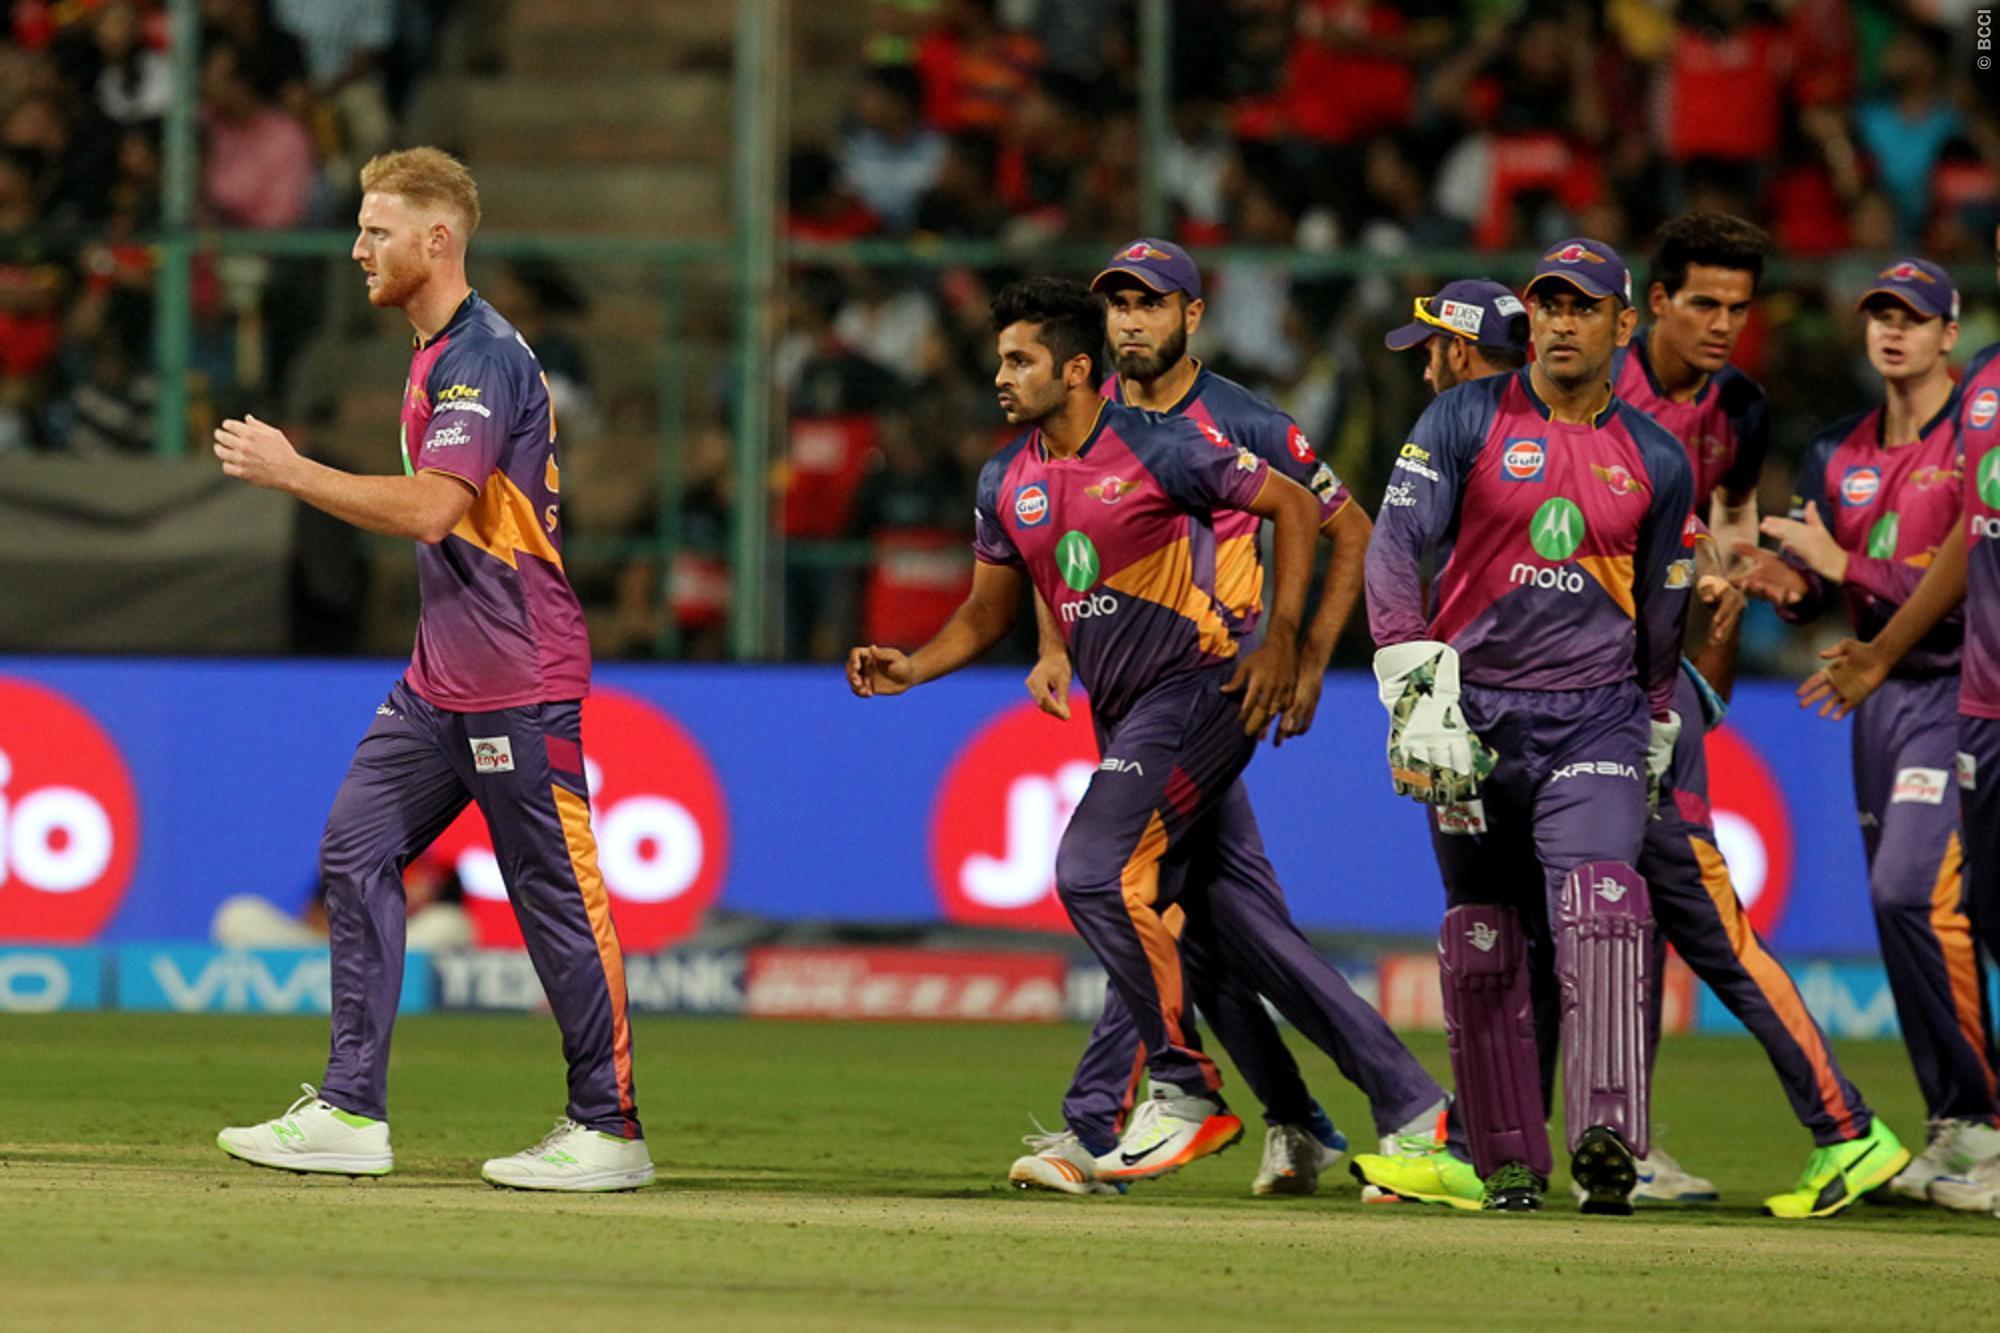 अब इस देश में दिखेगा आईपीएल का दम, धोनी की टीम को मिली ये खास ज़िम्मेदारी 13